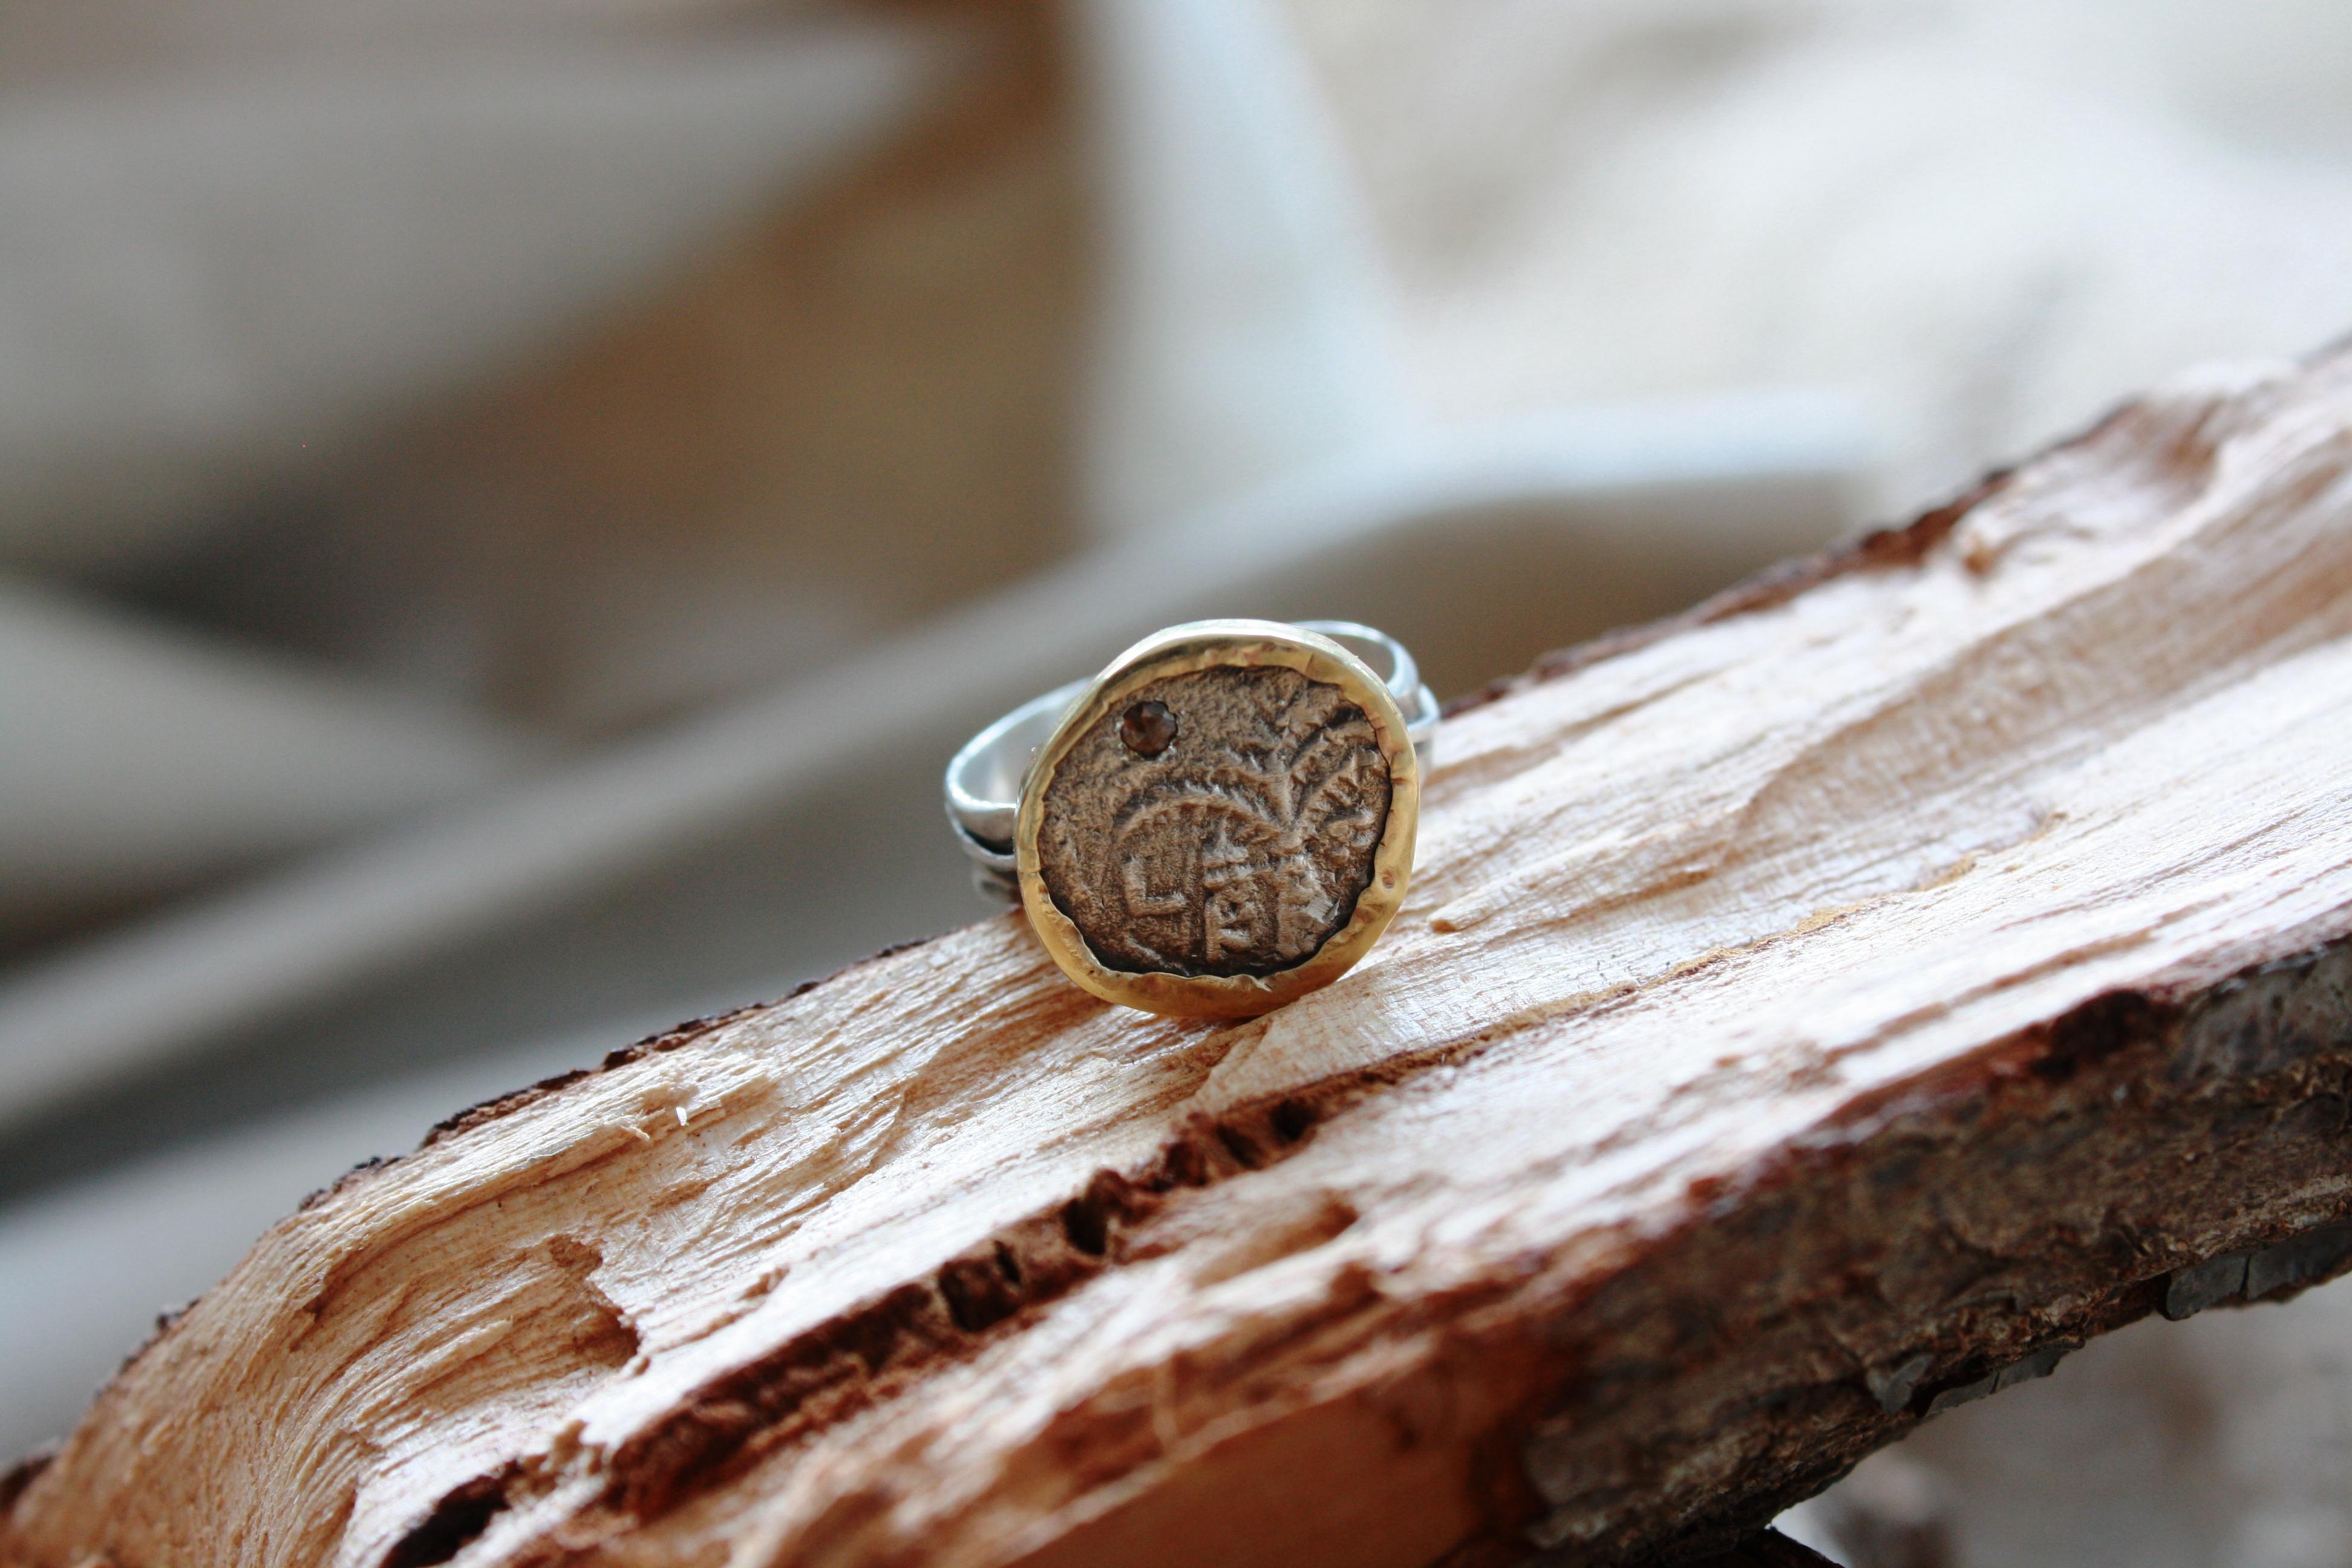 טבעת מטבע חשמונאי, זהב ויהלום חום